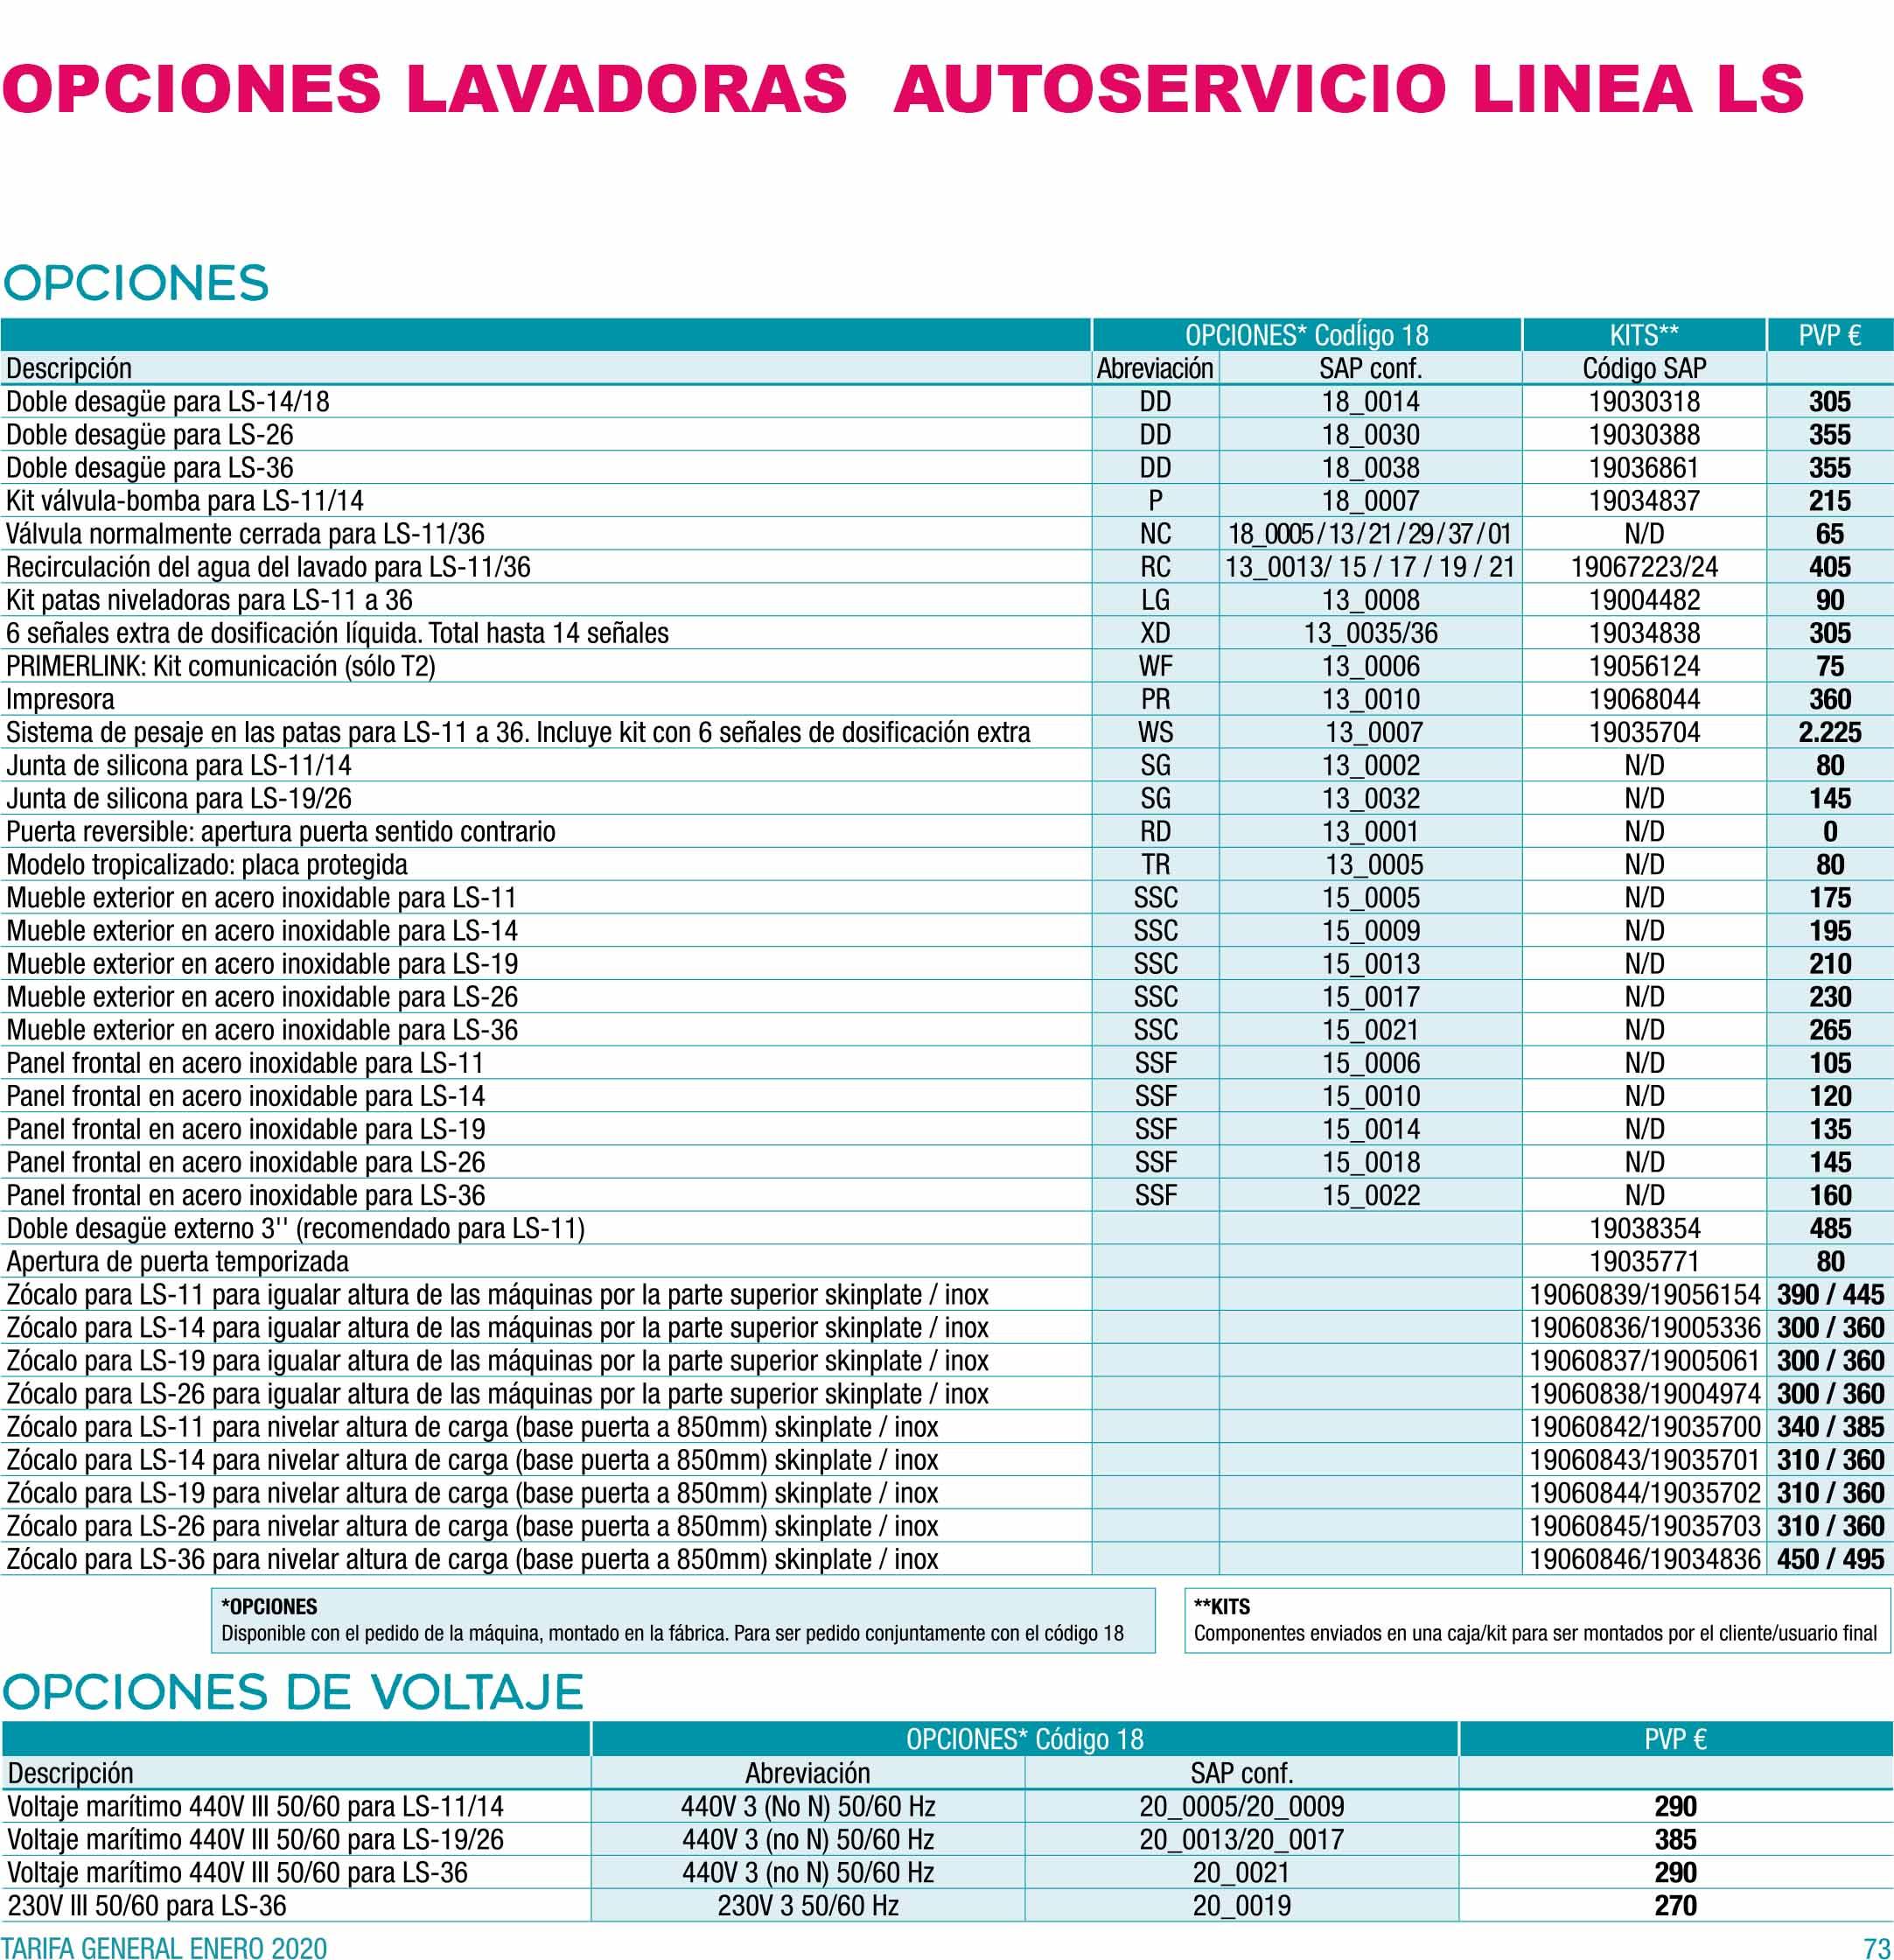 OPCIONES LAVADORAS AUTOSERVICIO PRIMER LINEA LS